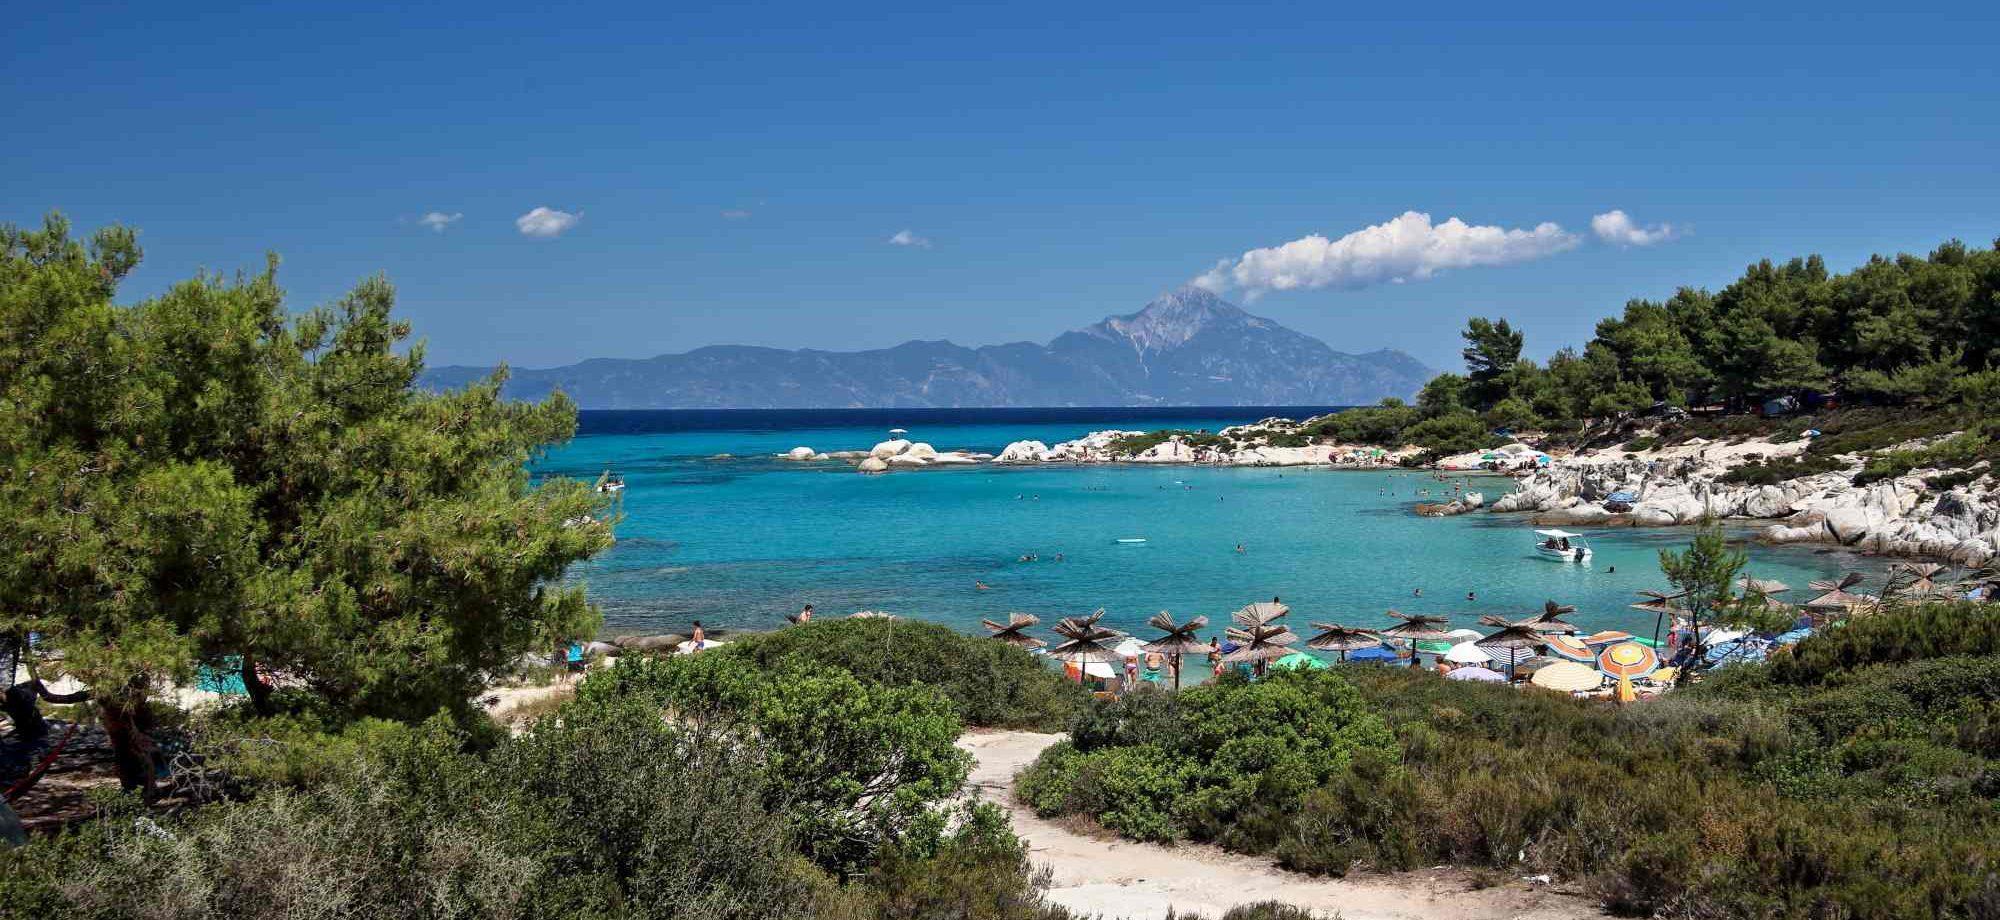 Nic se ne more primerjati z grskim morjem